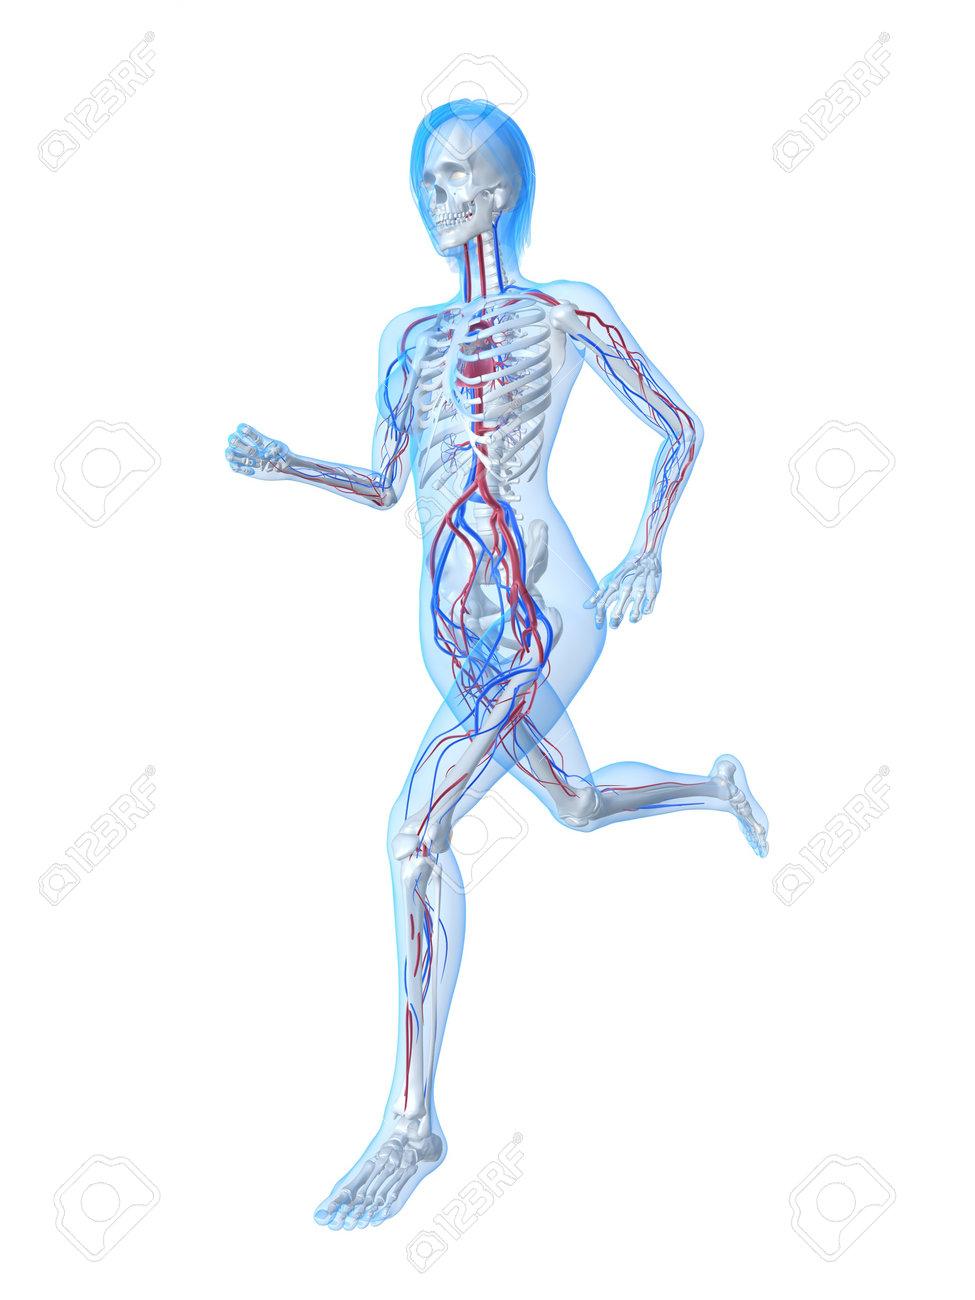 Groß Pic Von Skelett System Bilder - Anatomie Ideen - finotti.info